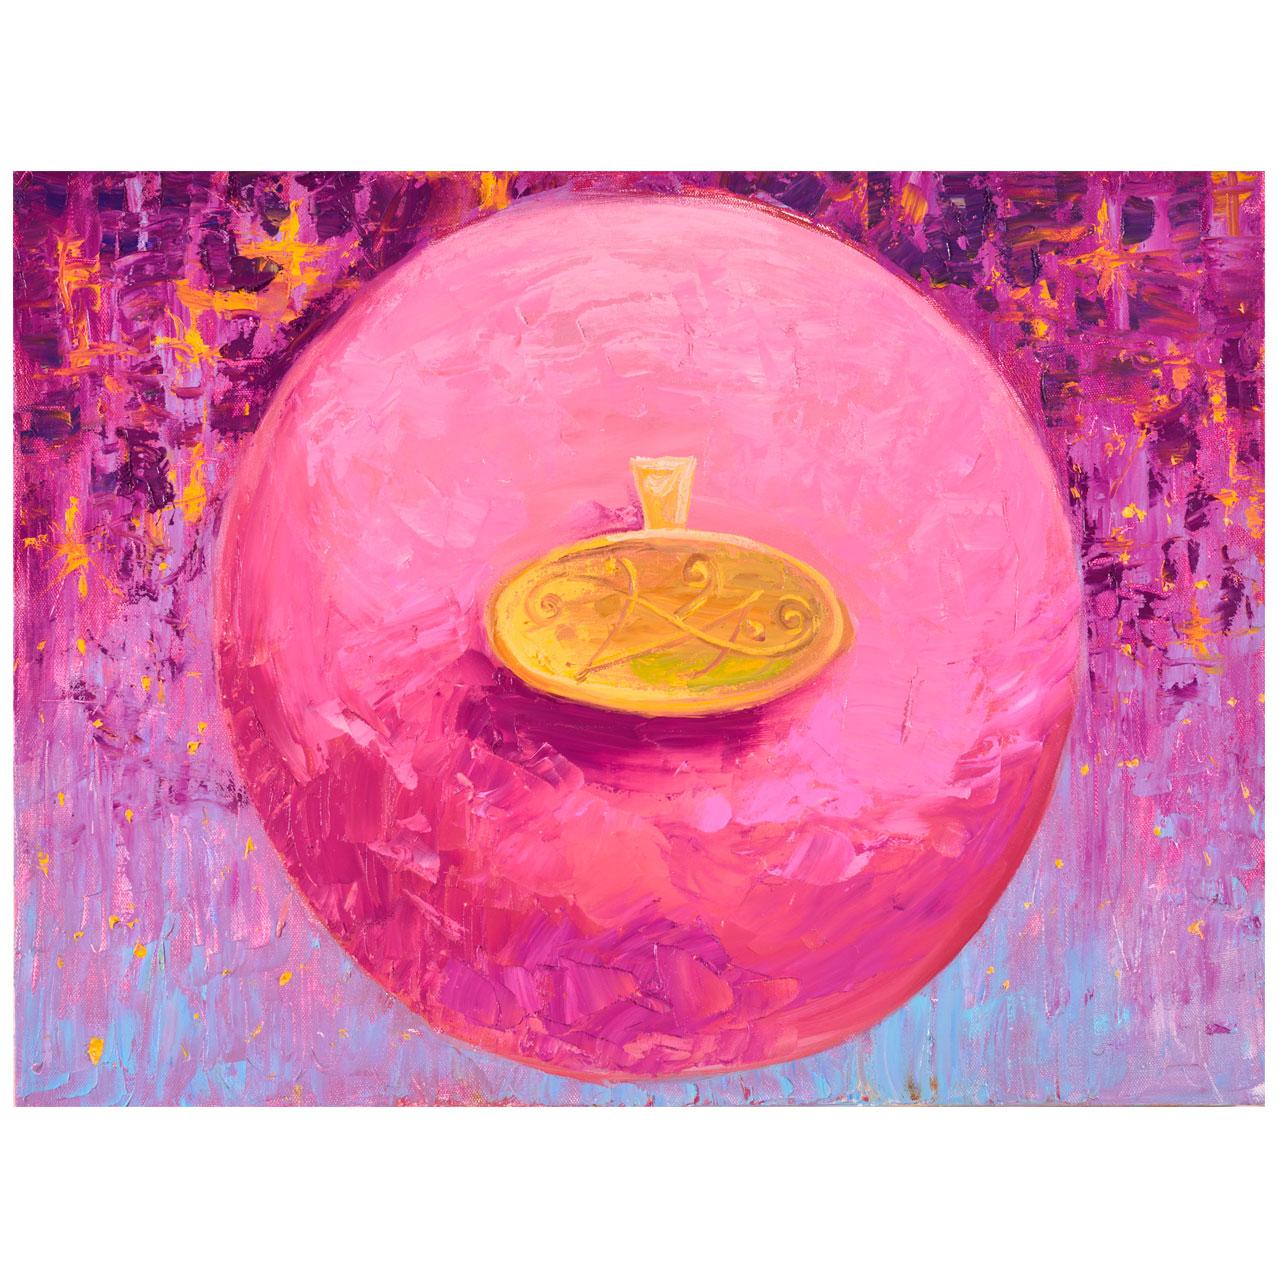 Картина Мехди Эбрагими Вафа «Преданность». Галерея искусств «Жуковка Арт»